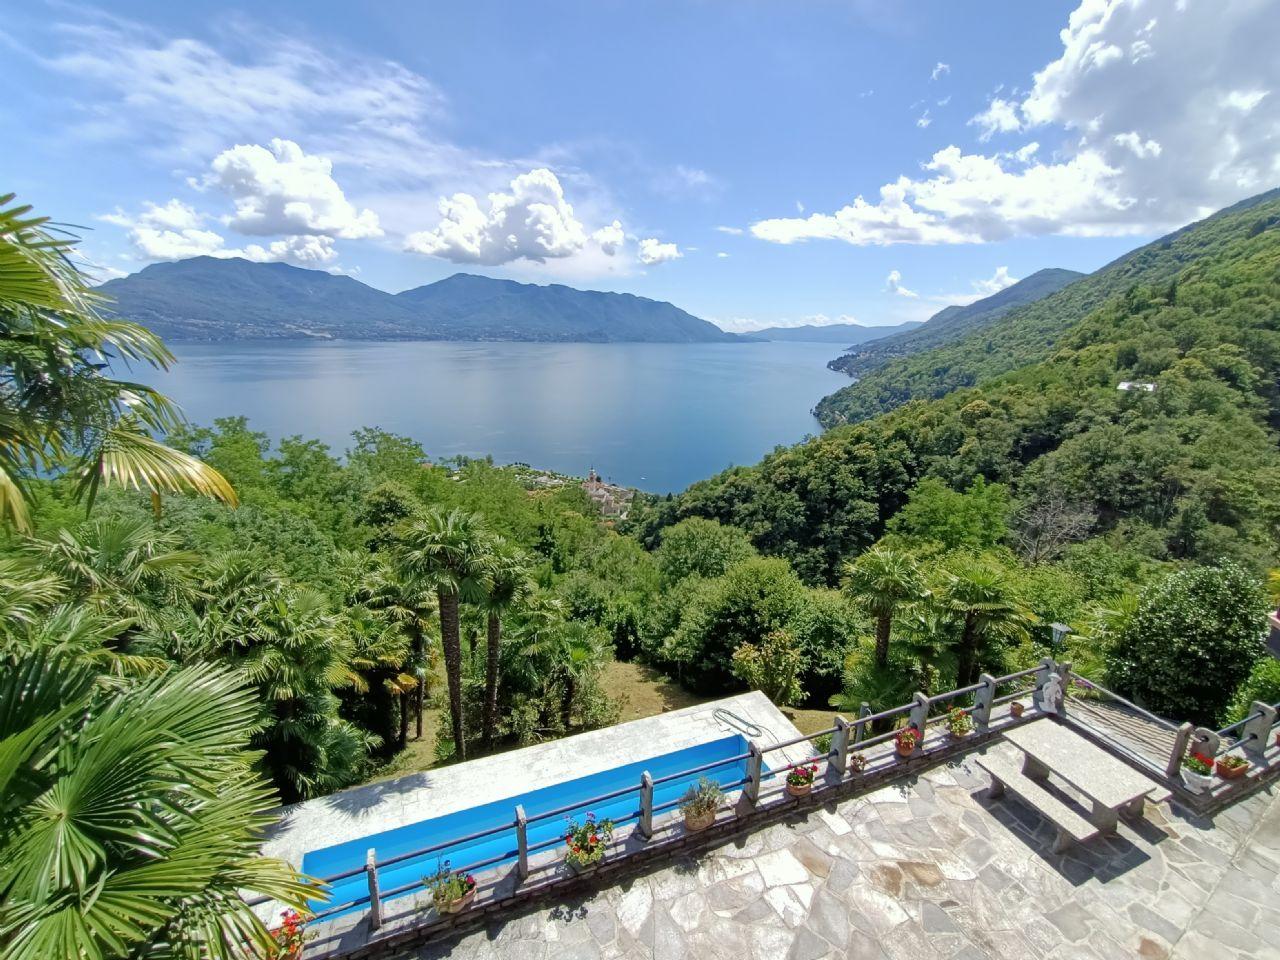 Casa indipendente a Cannero Riviera vista lago